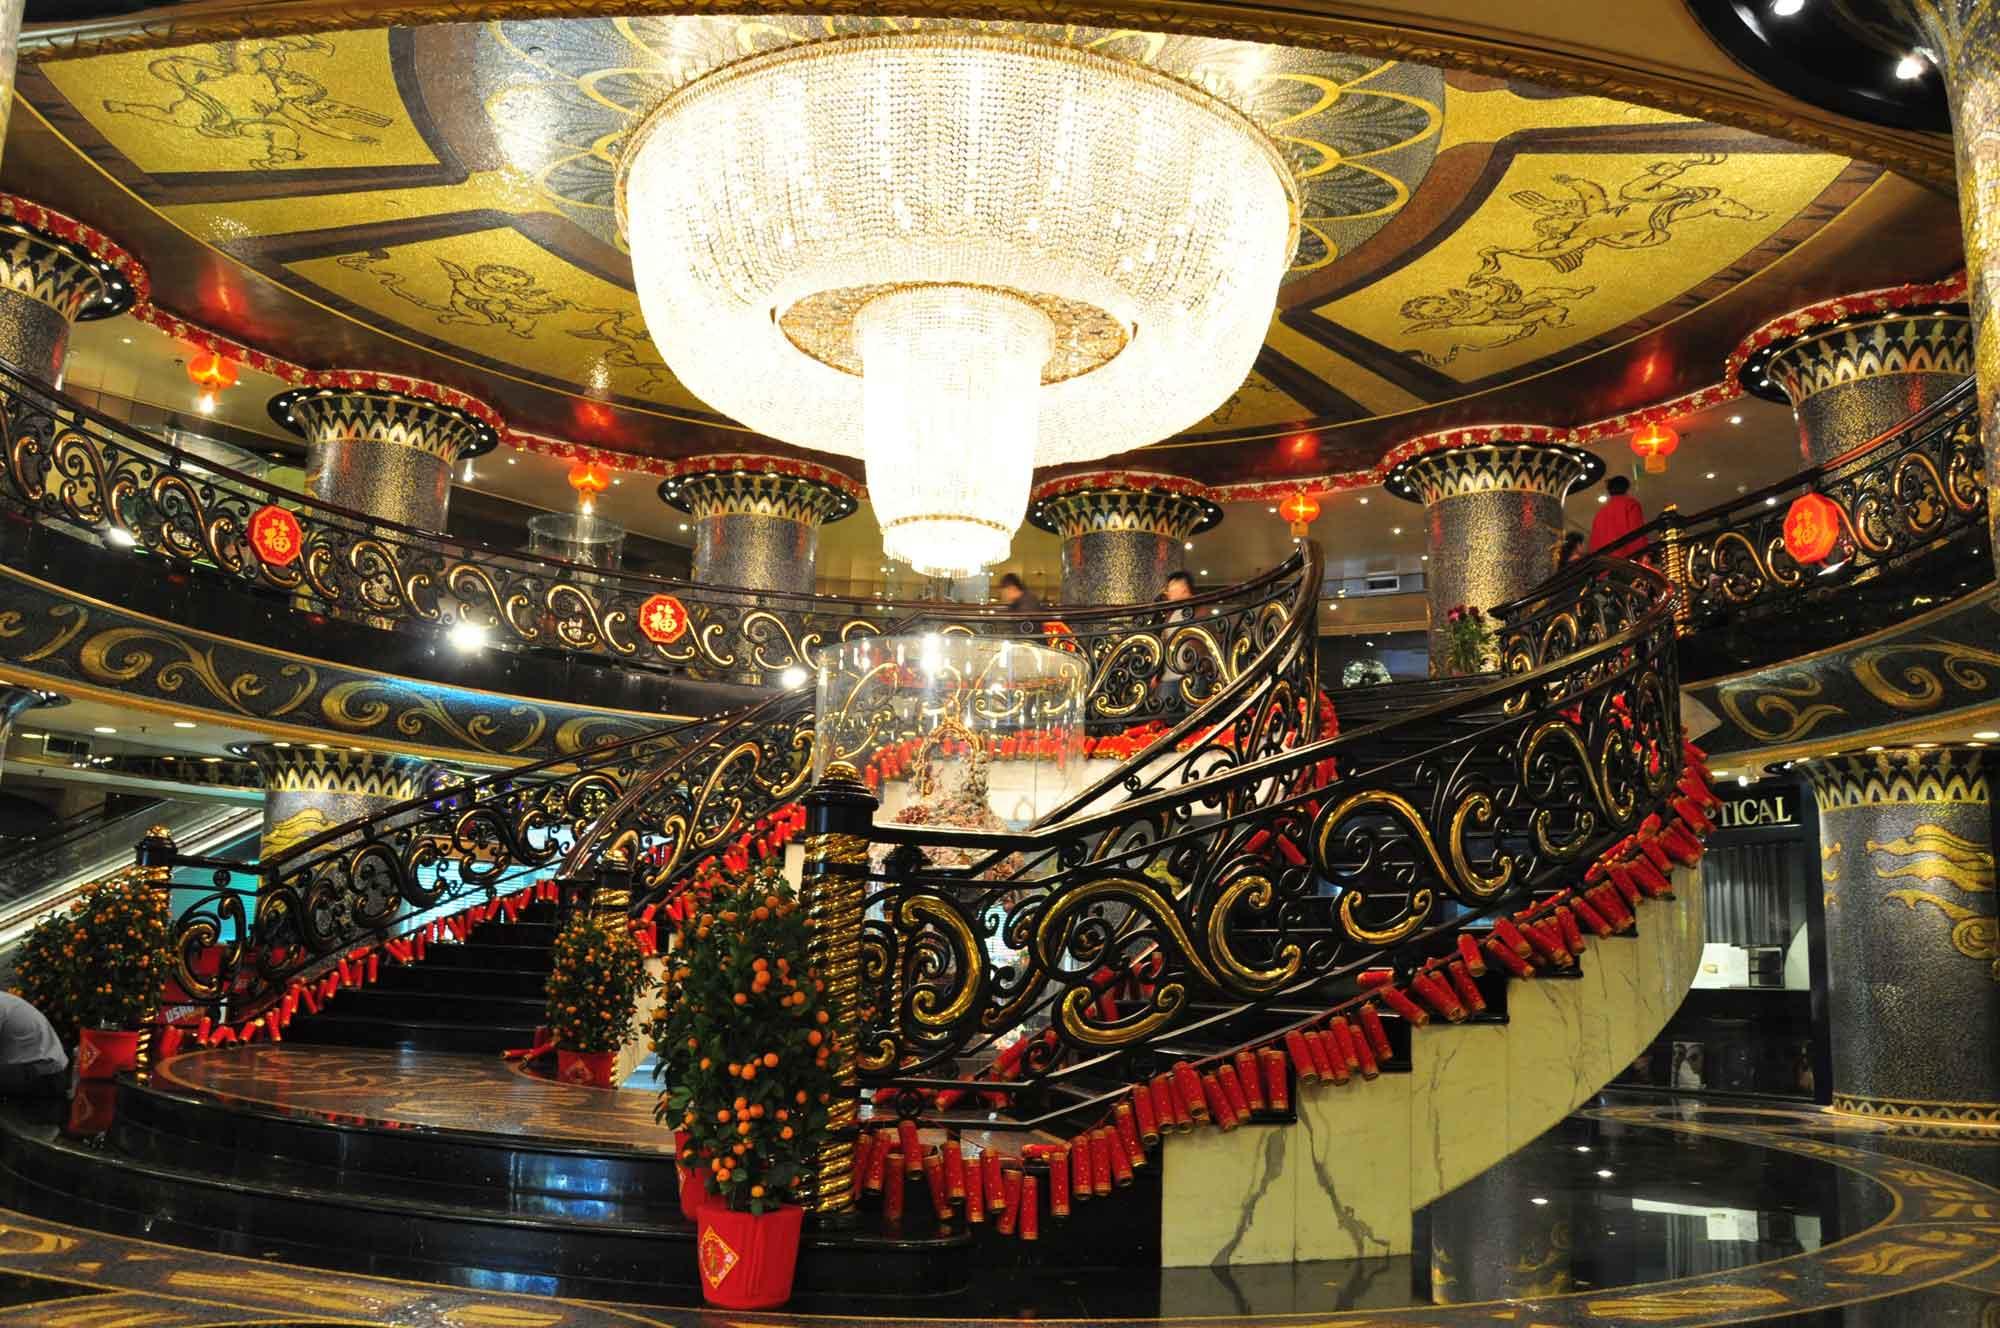 Hotel Lisboa lobby